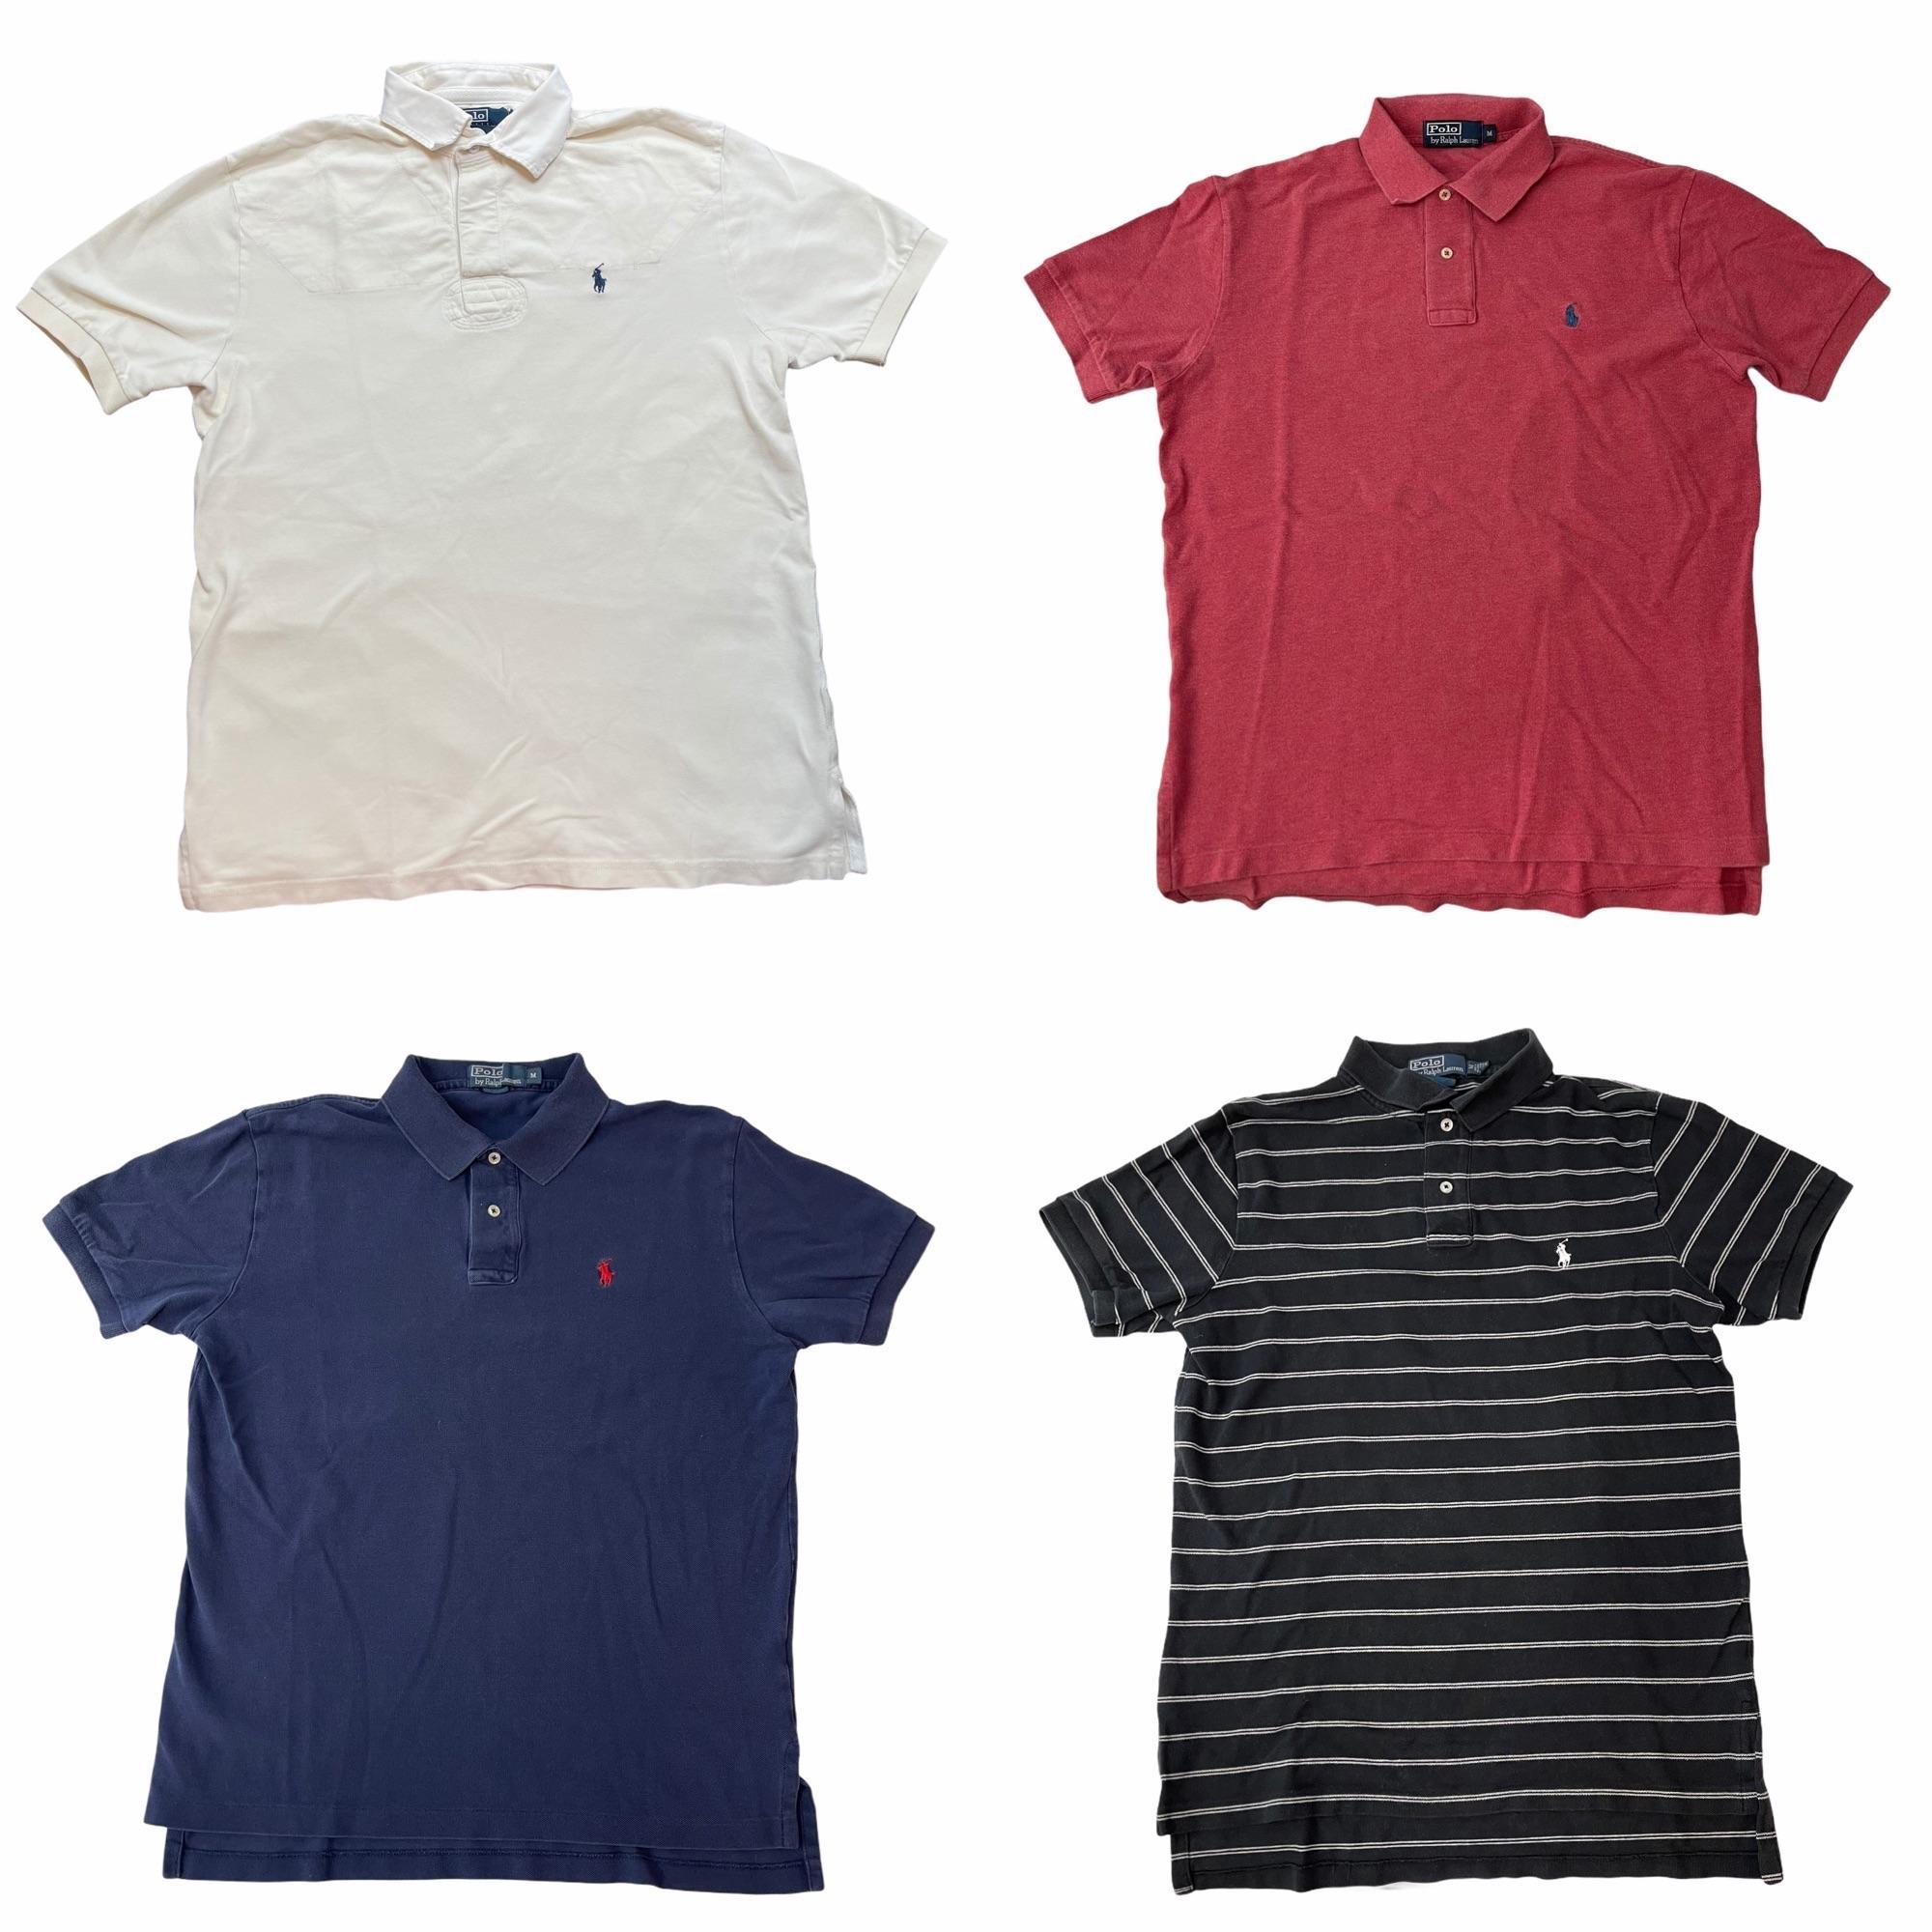 Lot of 5 Ralph Lauren Polo Shirt Men's Size Medium 045